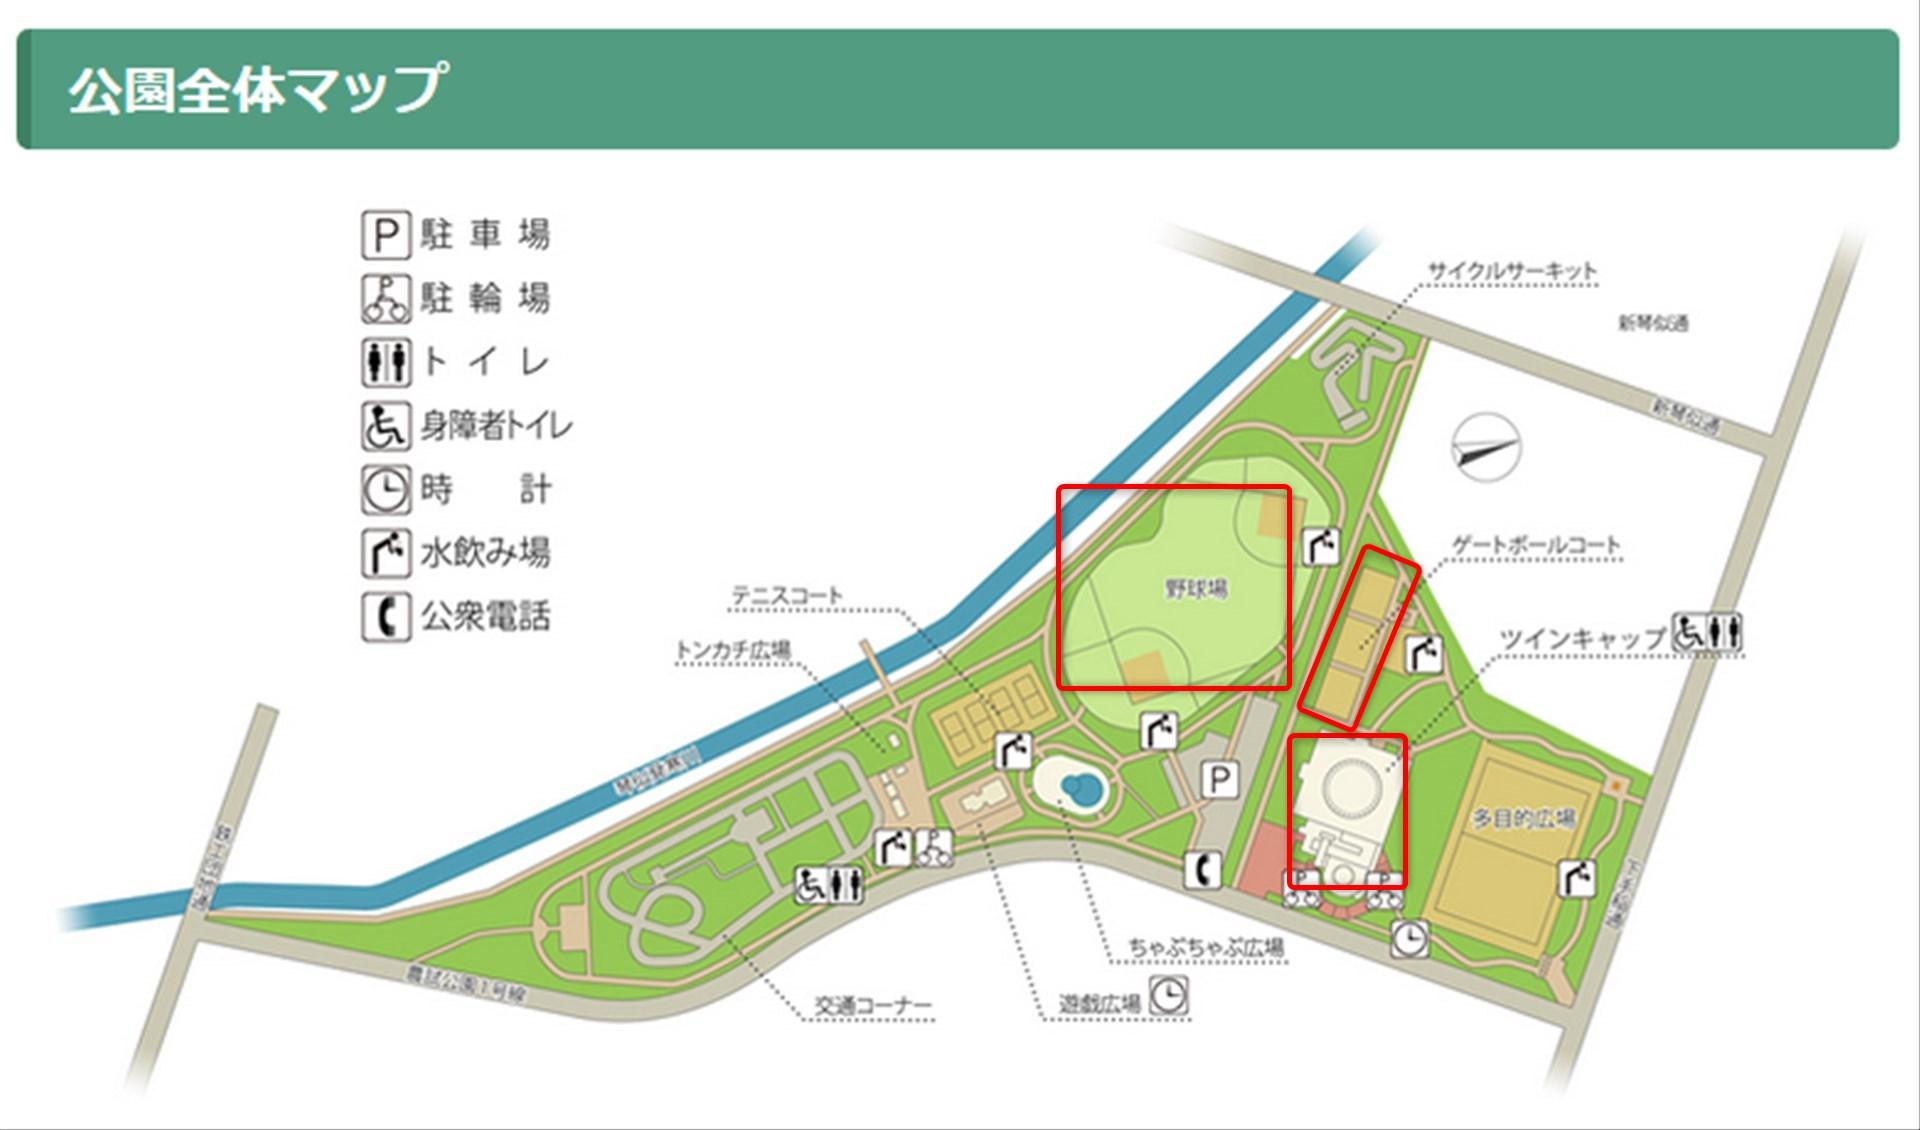 農試公園 アリーナ、野球場、ゲートボール マップ